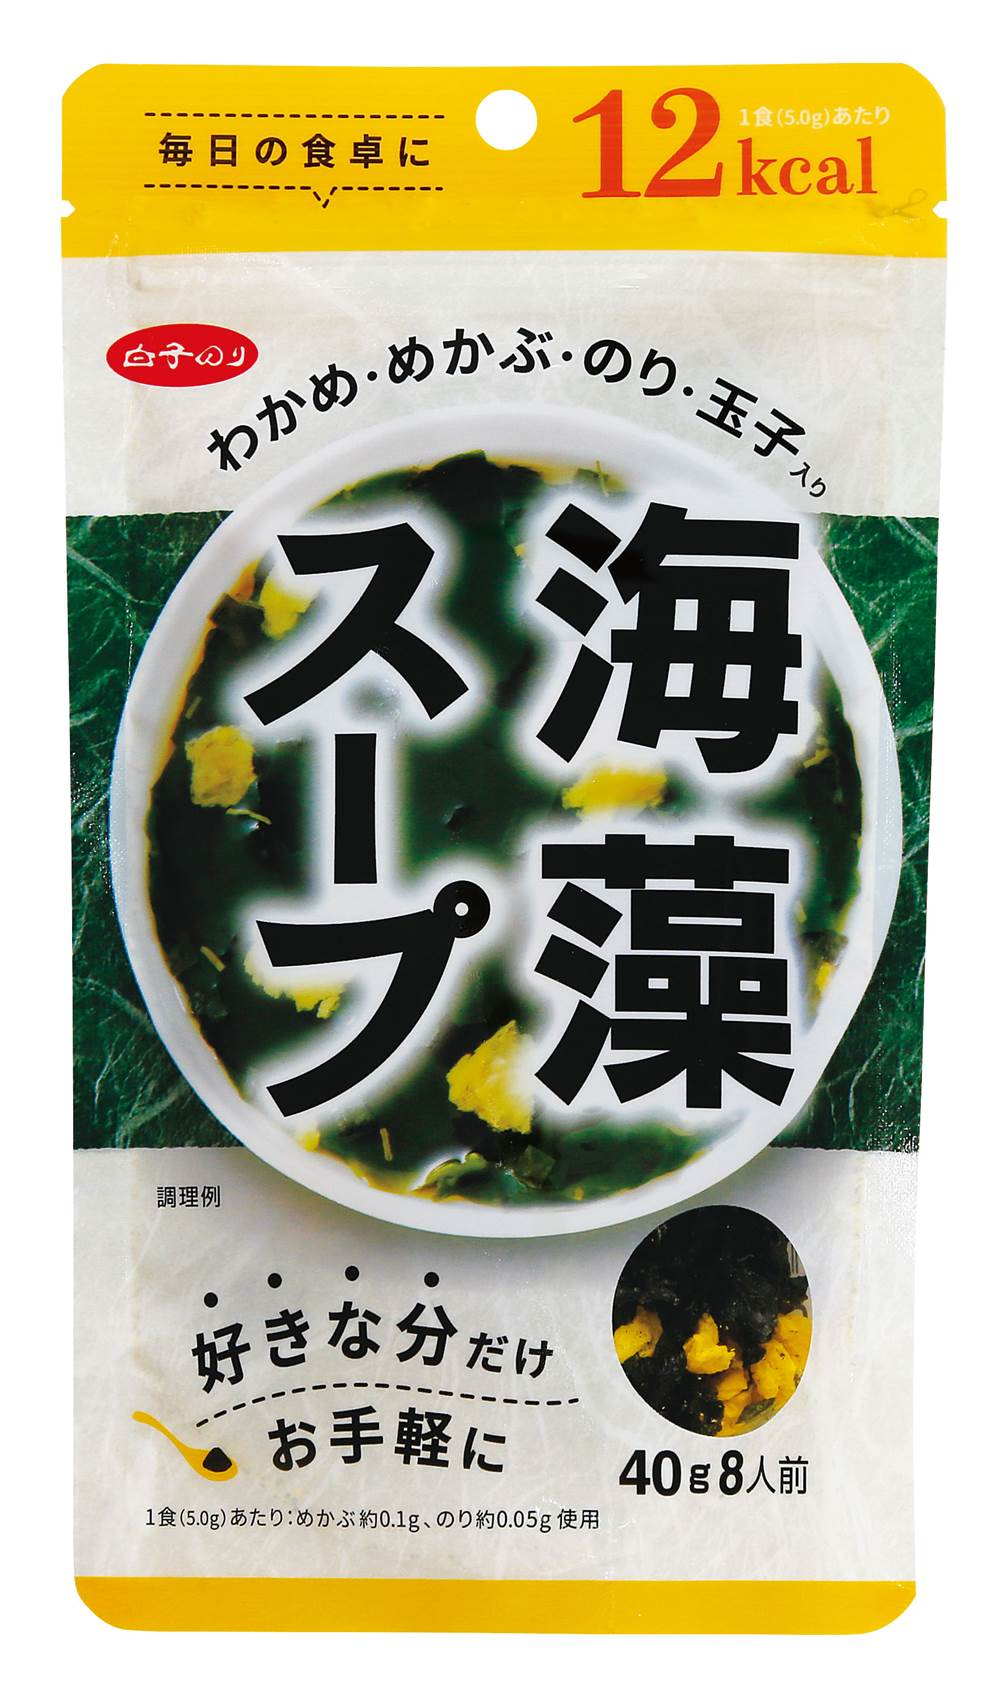 海藻スープ40g